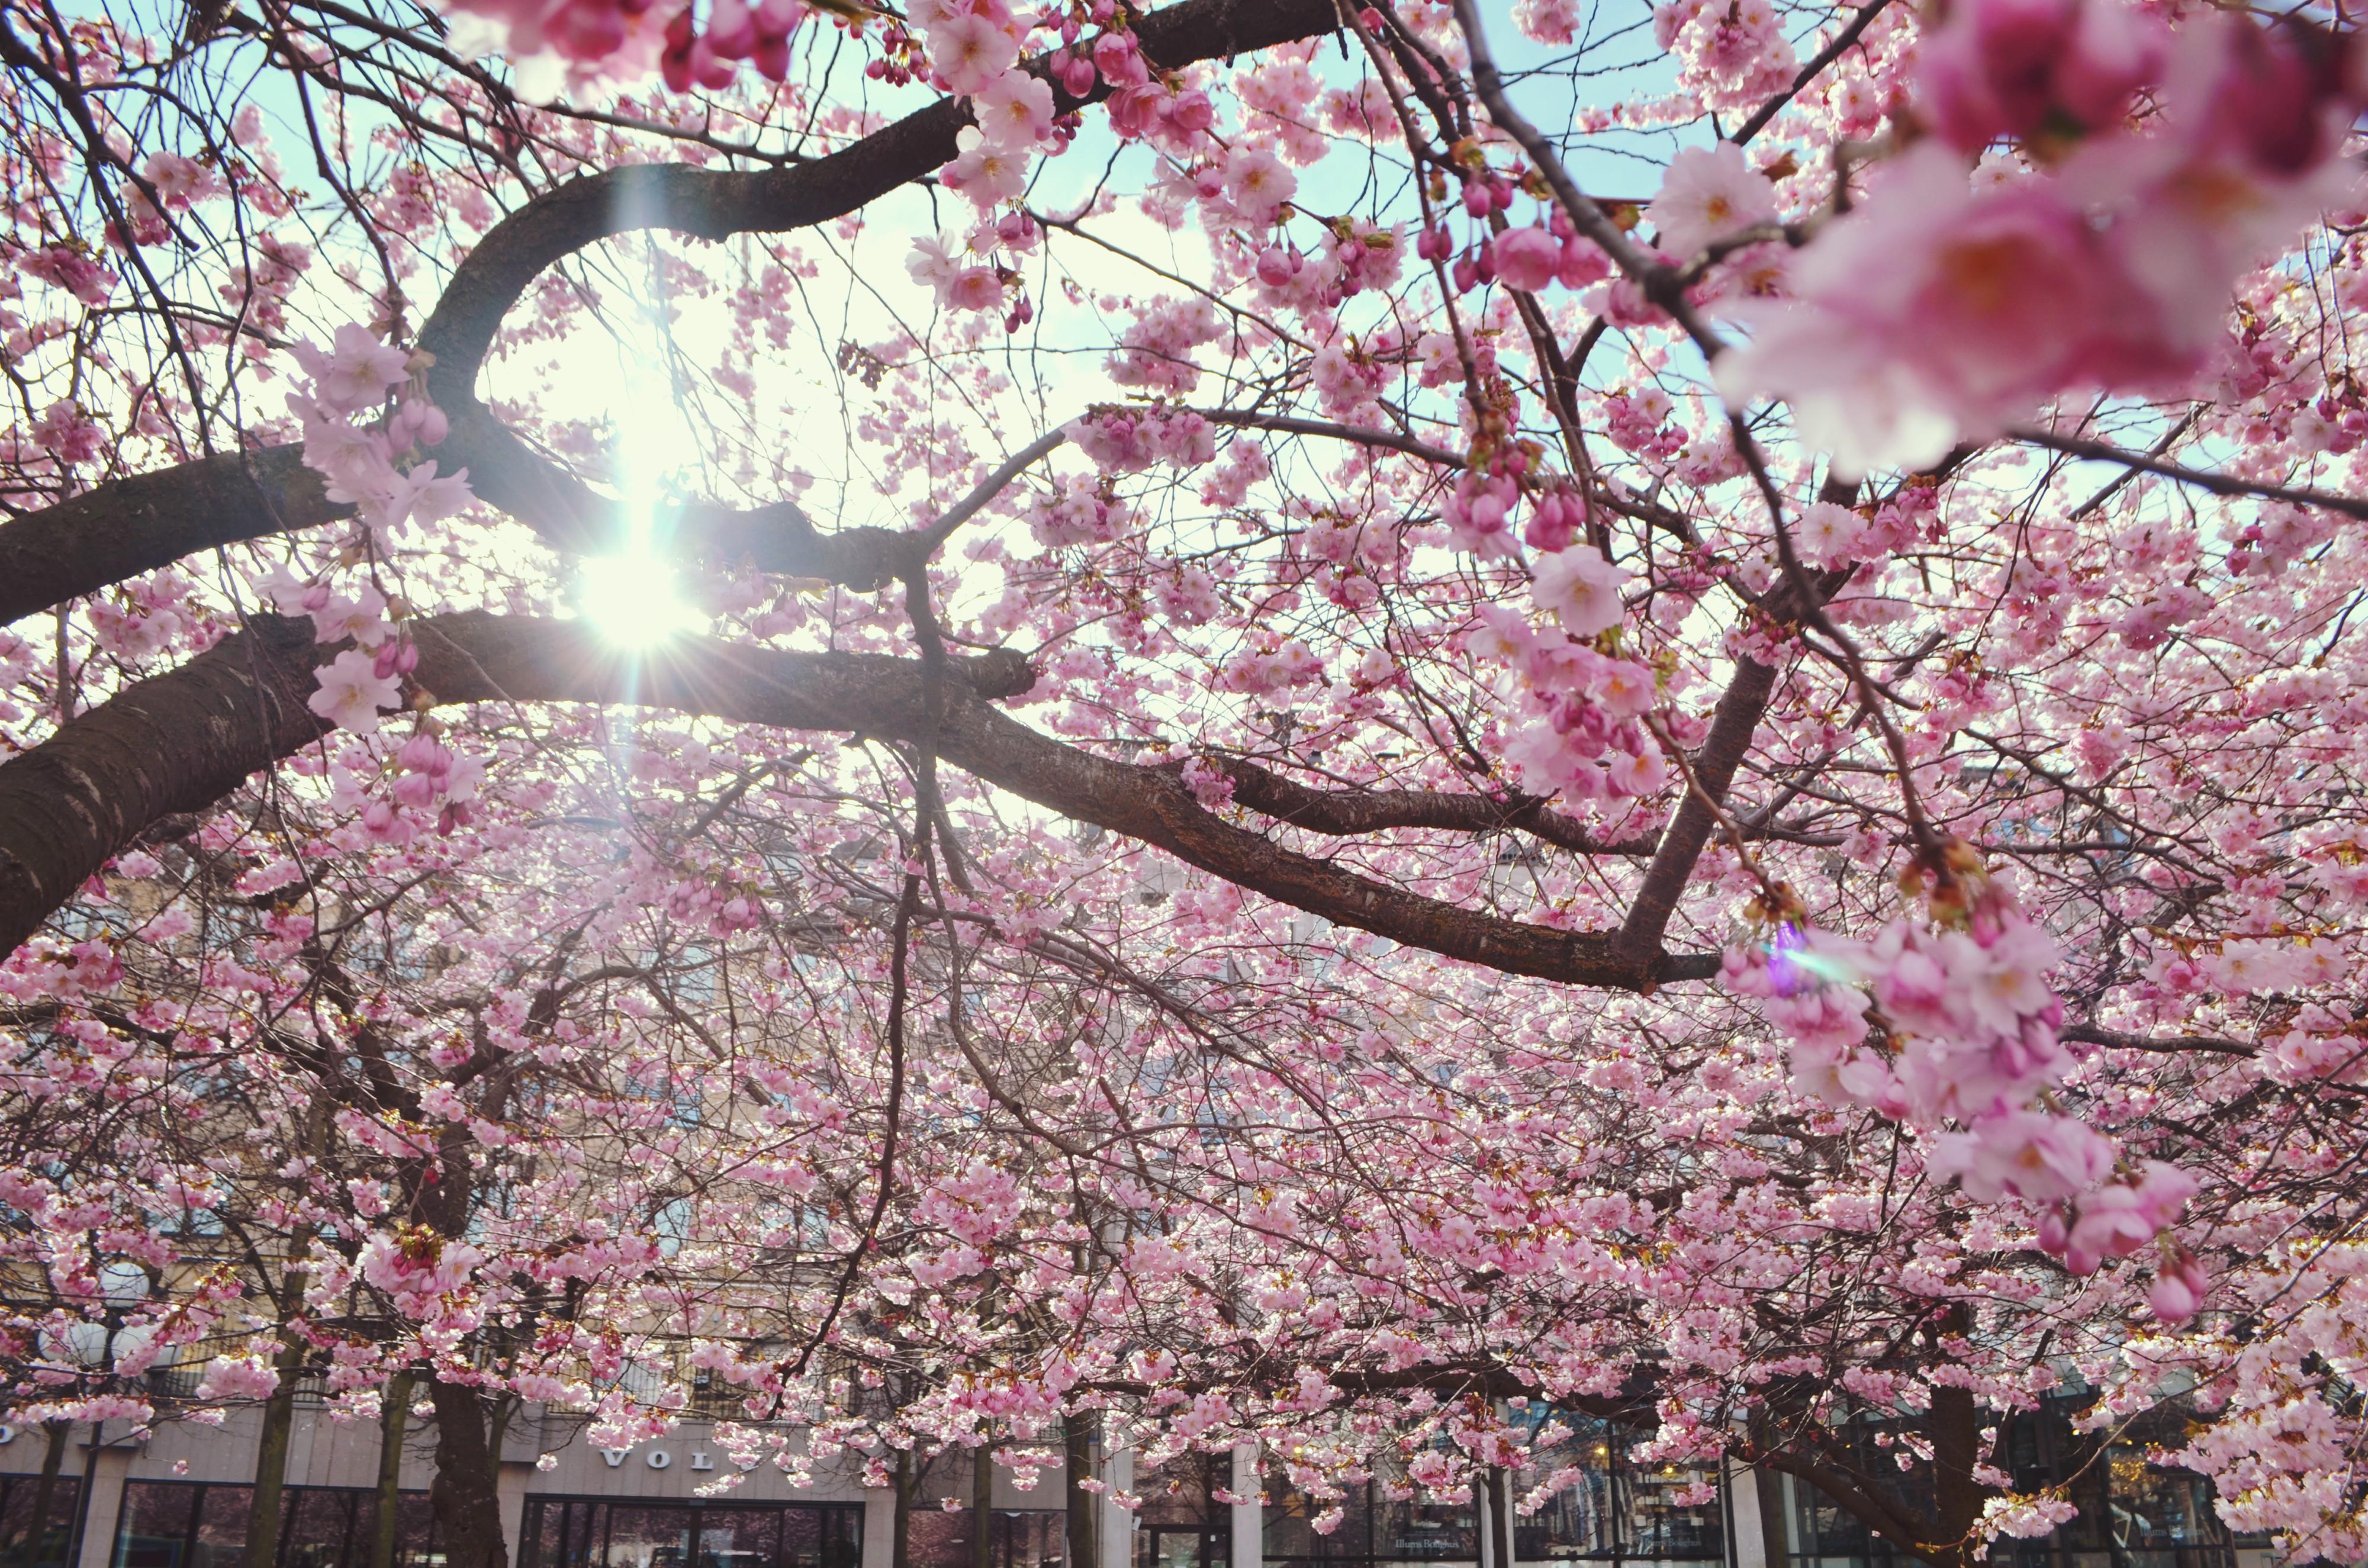 Primavera-en-estocolmo-ChicAdicta-que-ver-en-suecia-Chic-Adicta-fashionista-fashion-travel-PiensaenChic-Piensa-en-Chic